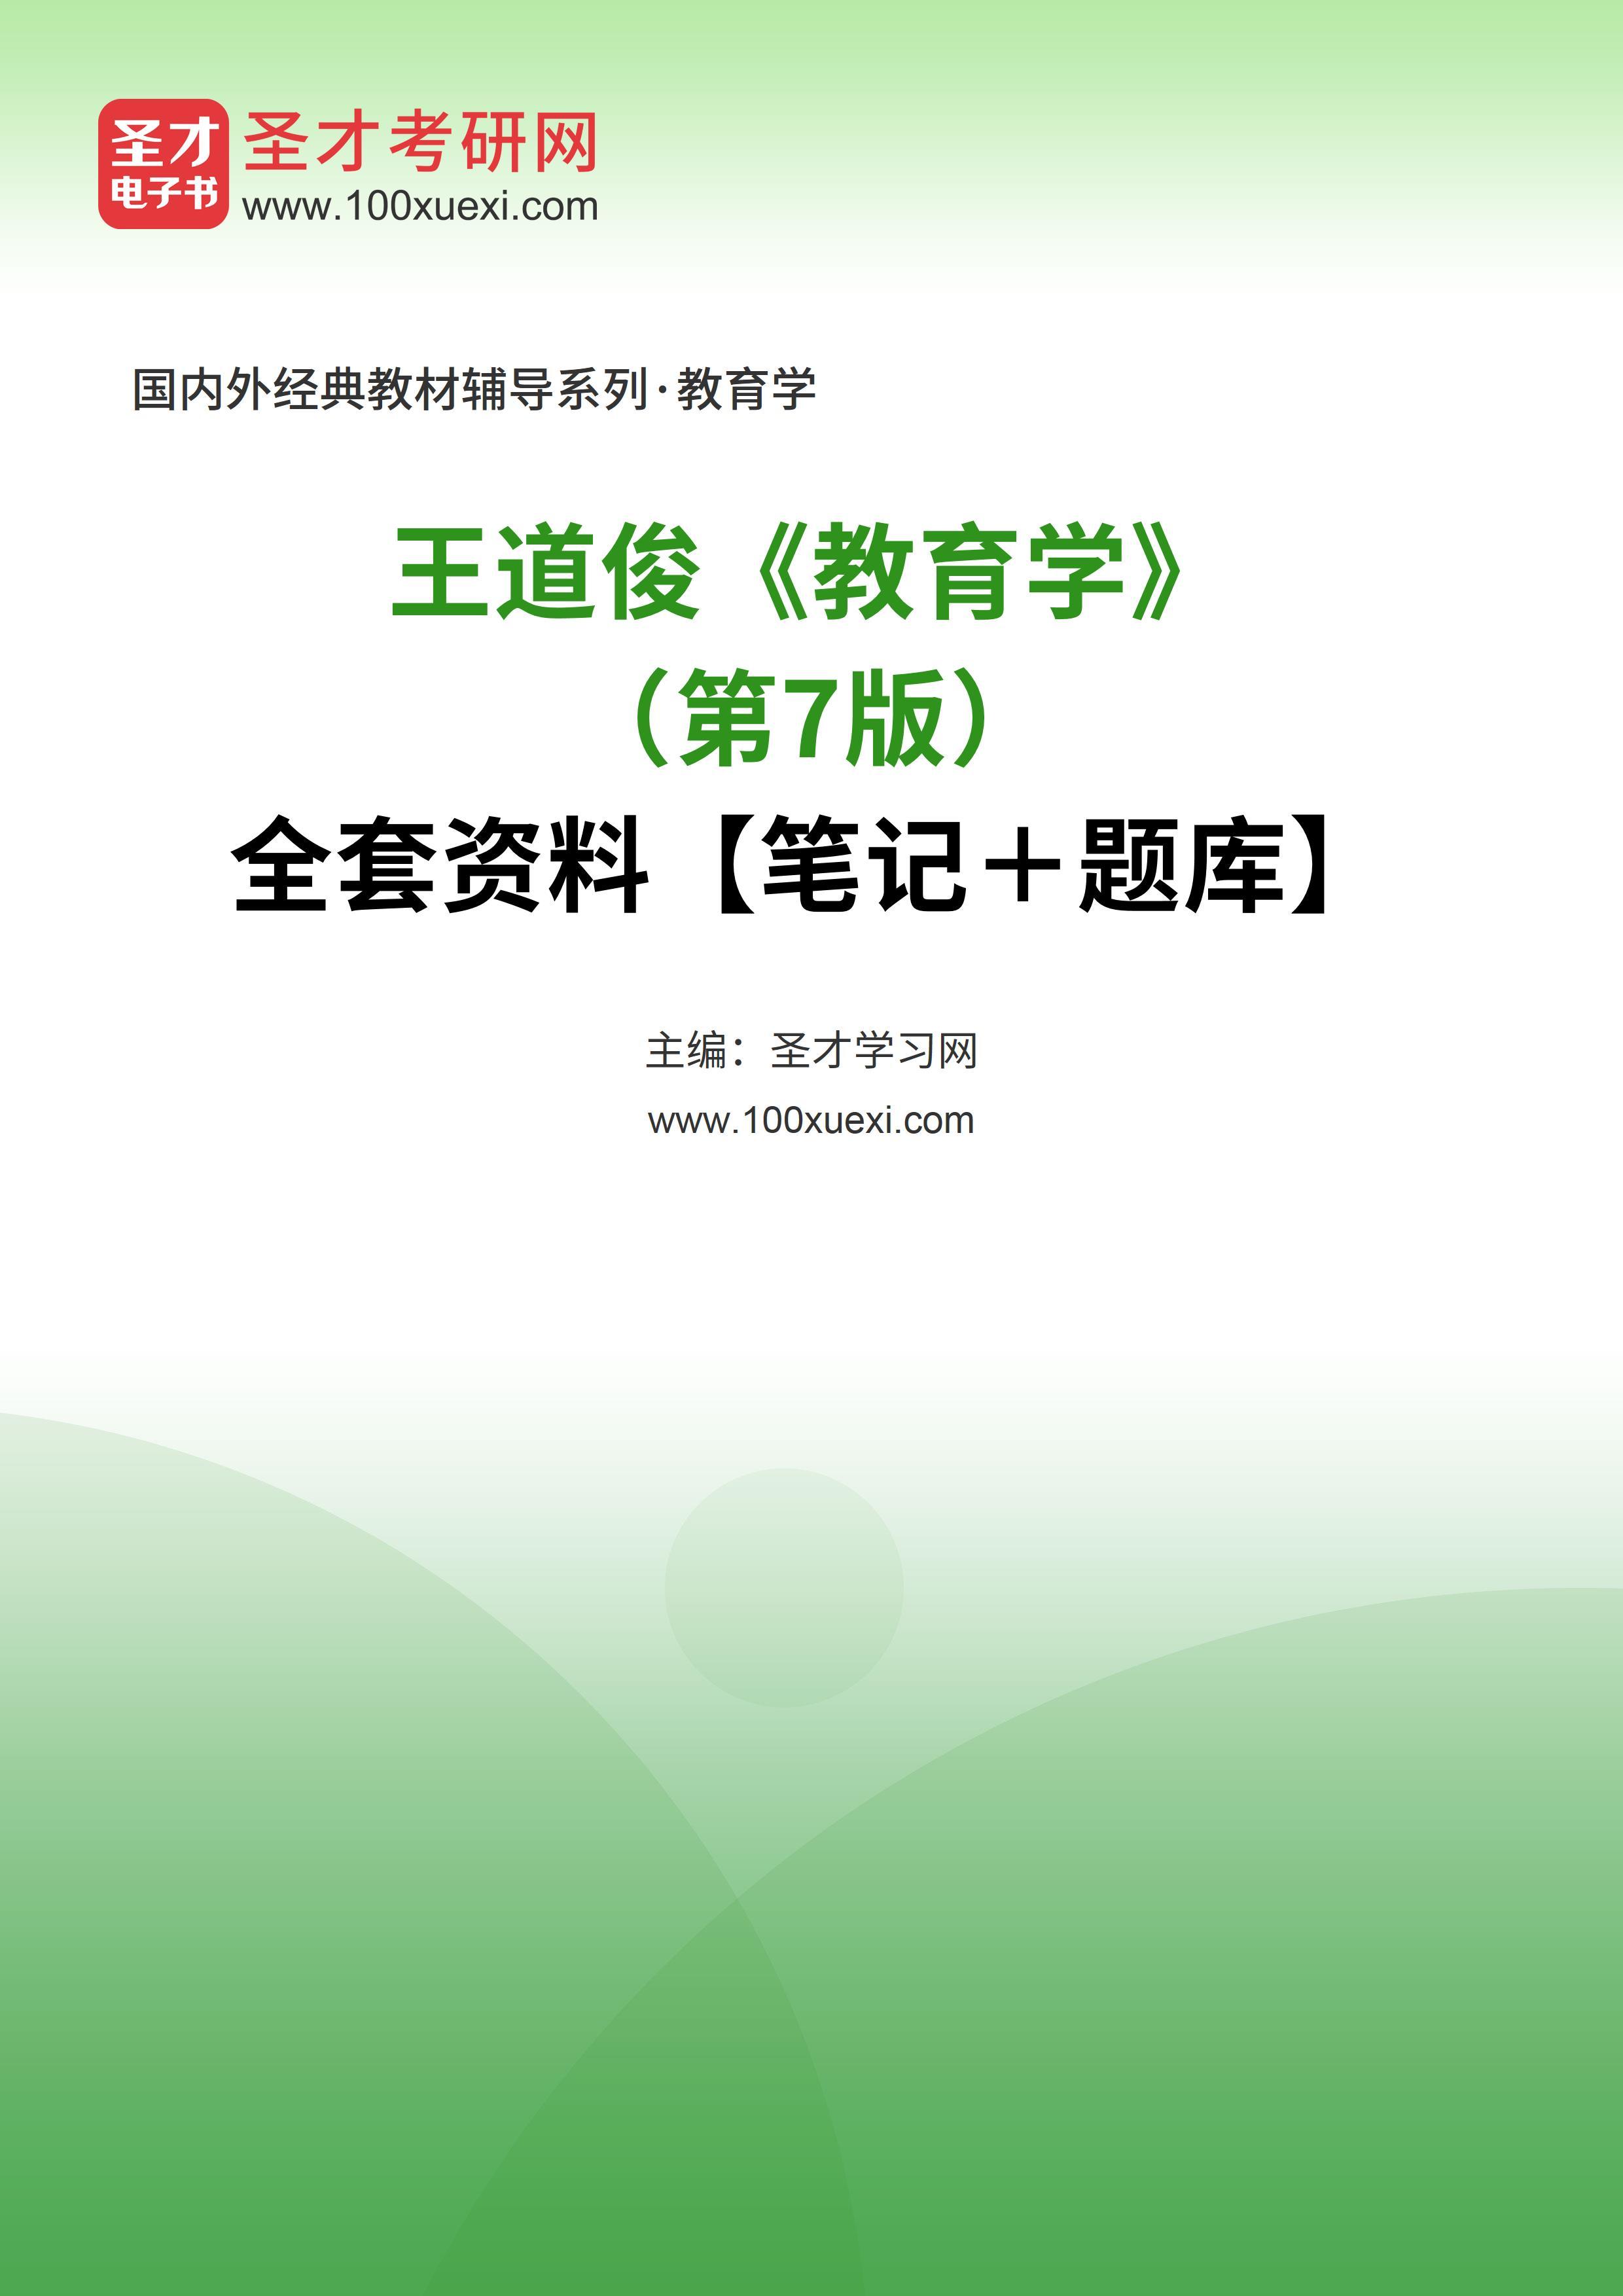 王道俊《教育学》(第7版)全套资料【笔记+题库】